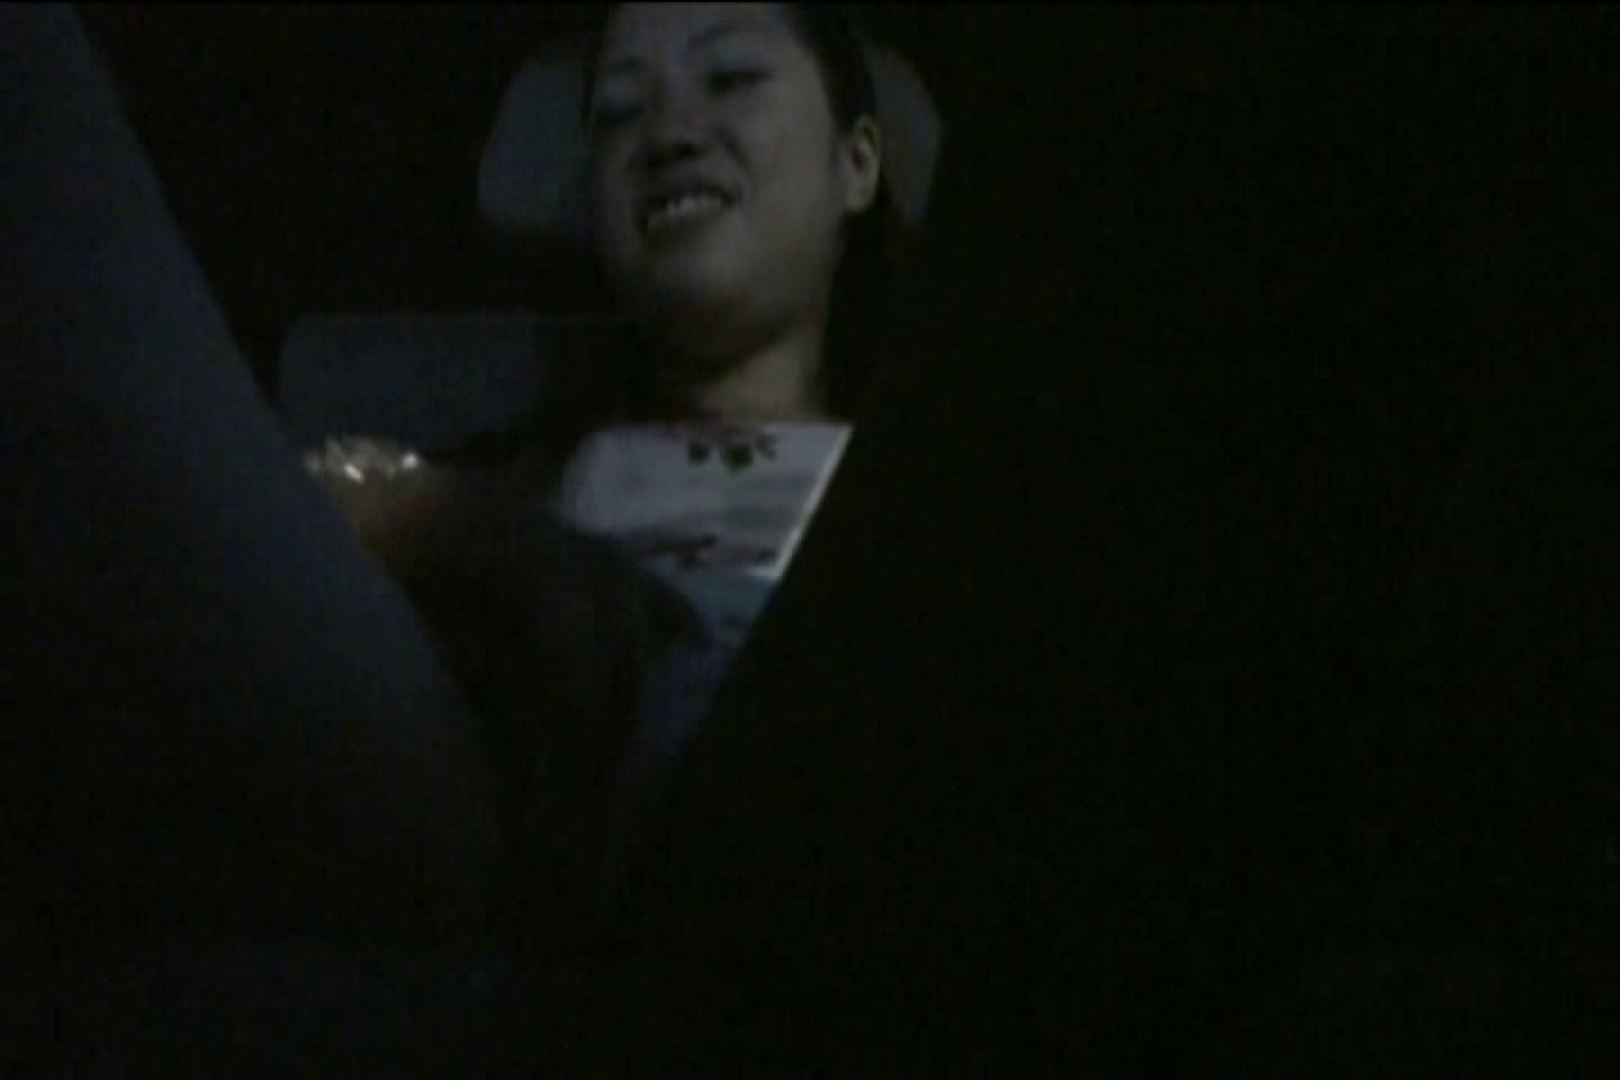 車内で初めまして! vol01 OLのエロ生活   盗撮  105連発 78